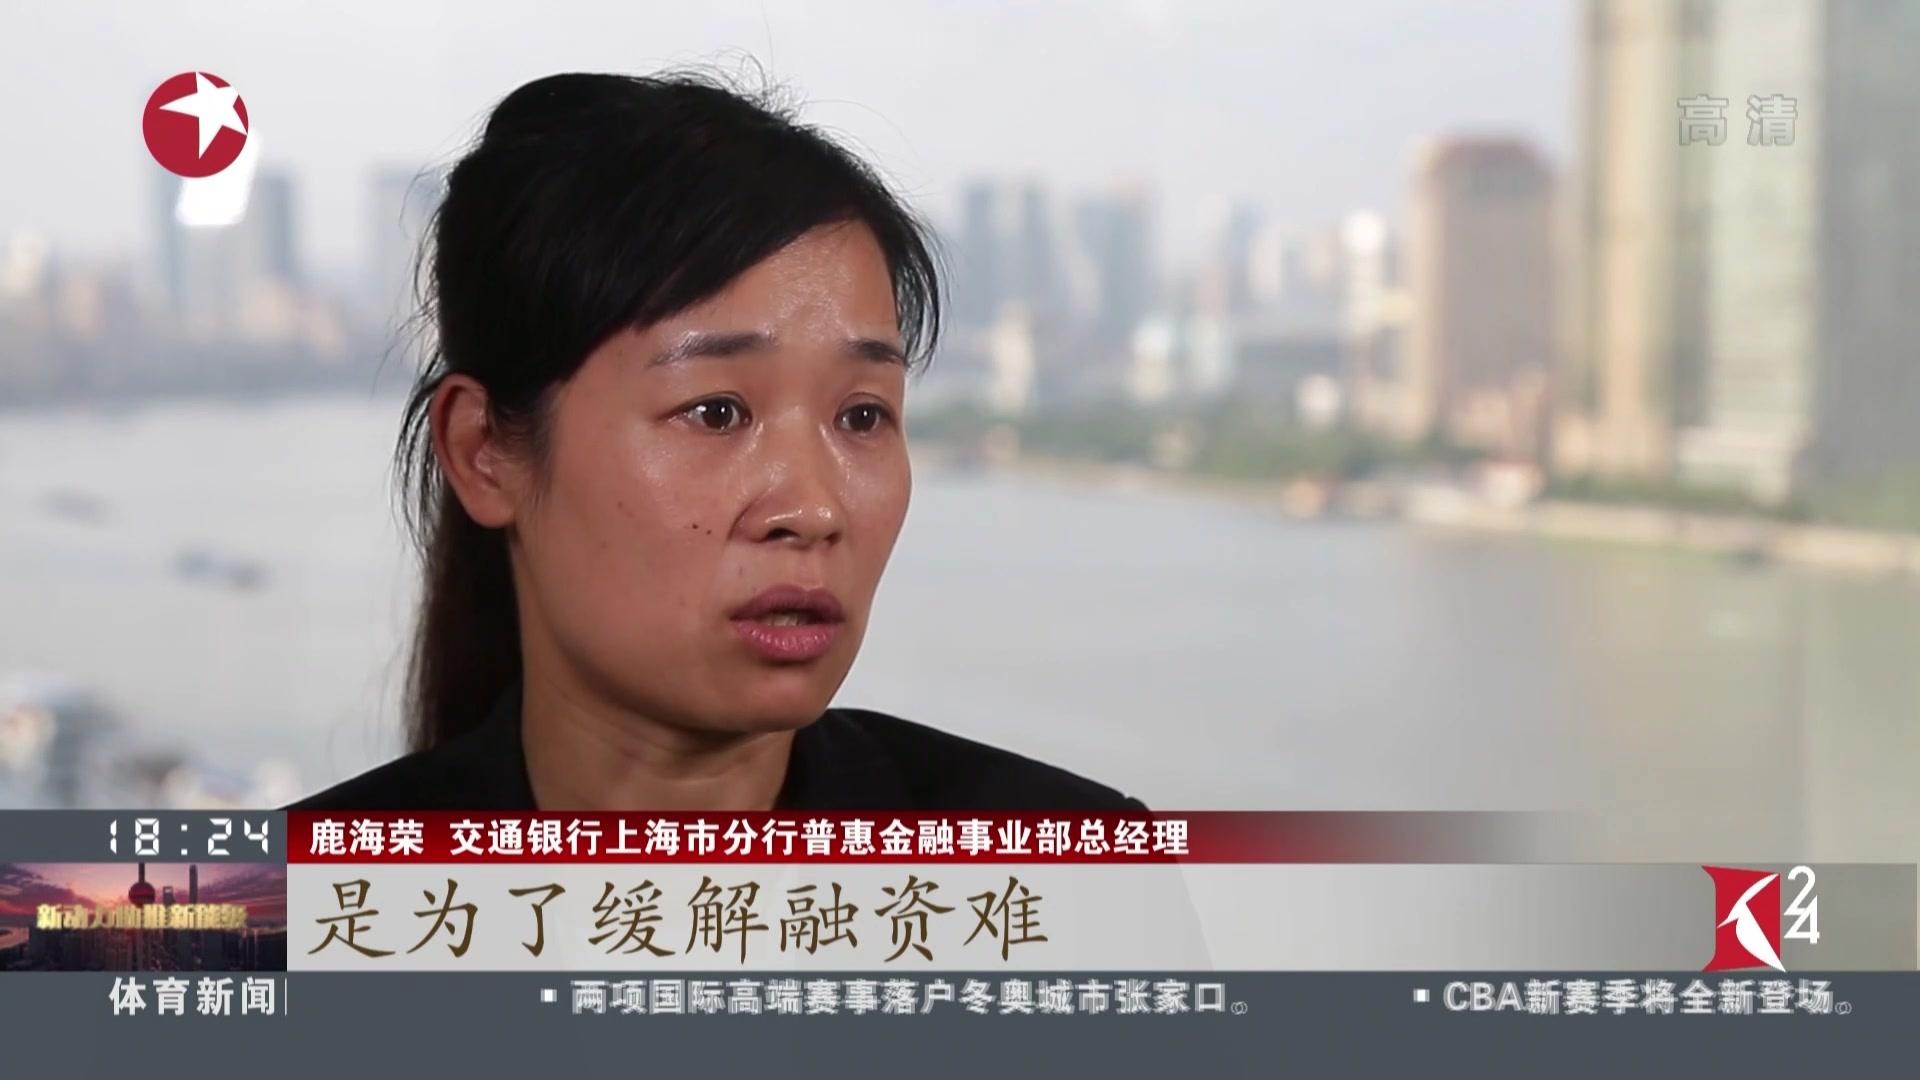 上海:营商环境排名大幅提升  普惠金融助力中小企业发展